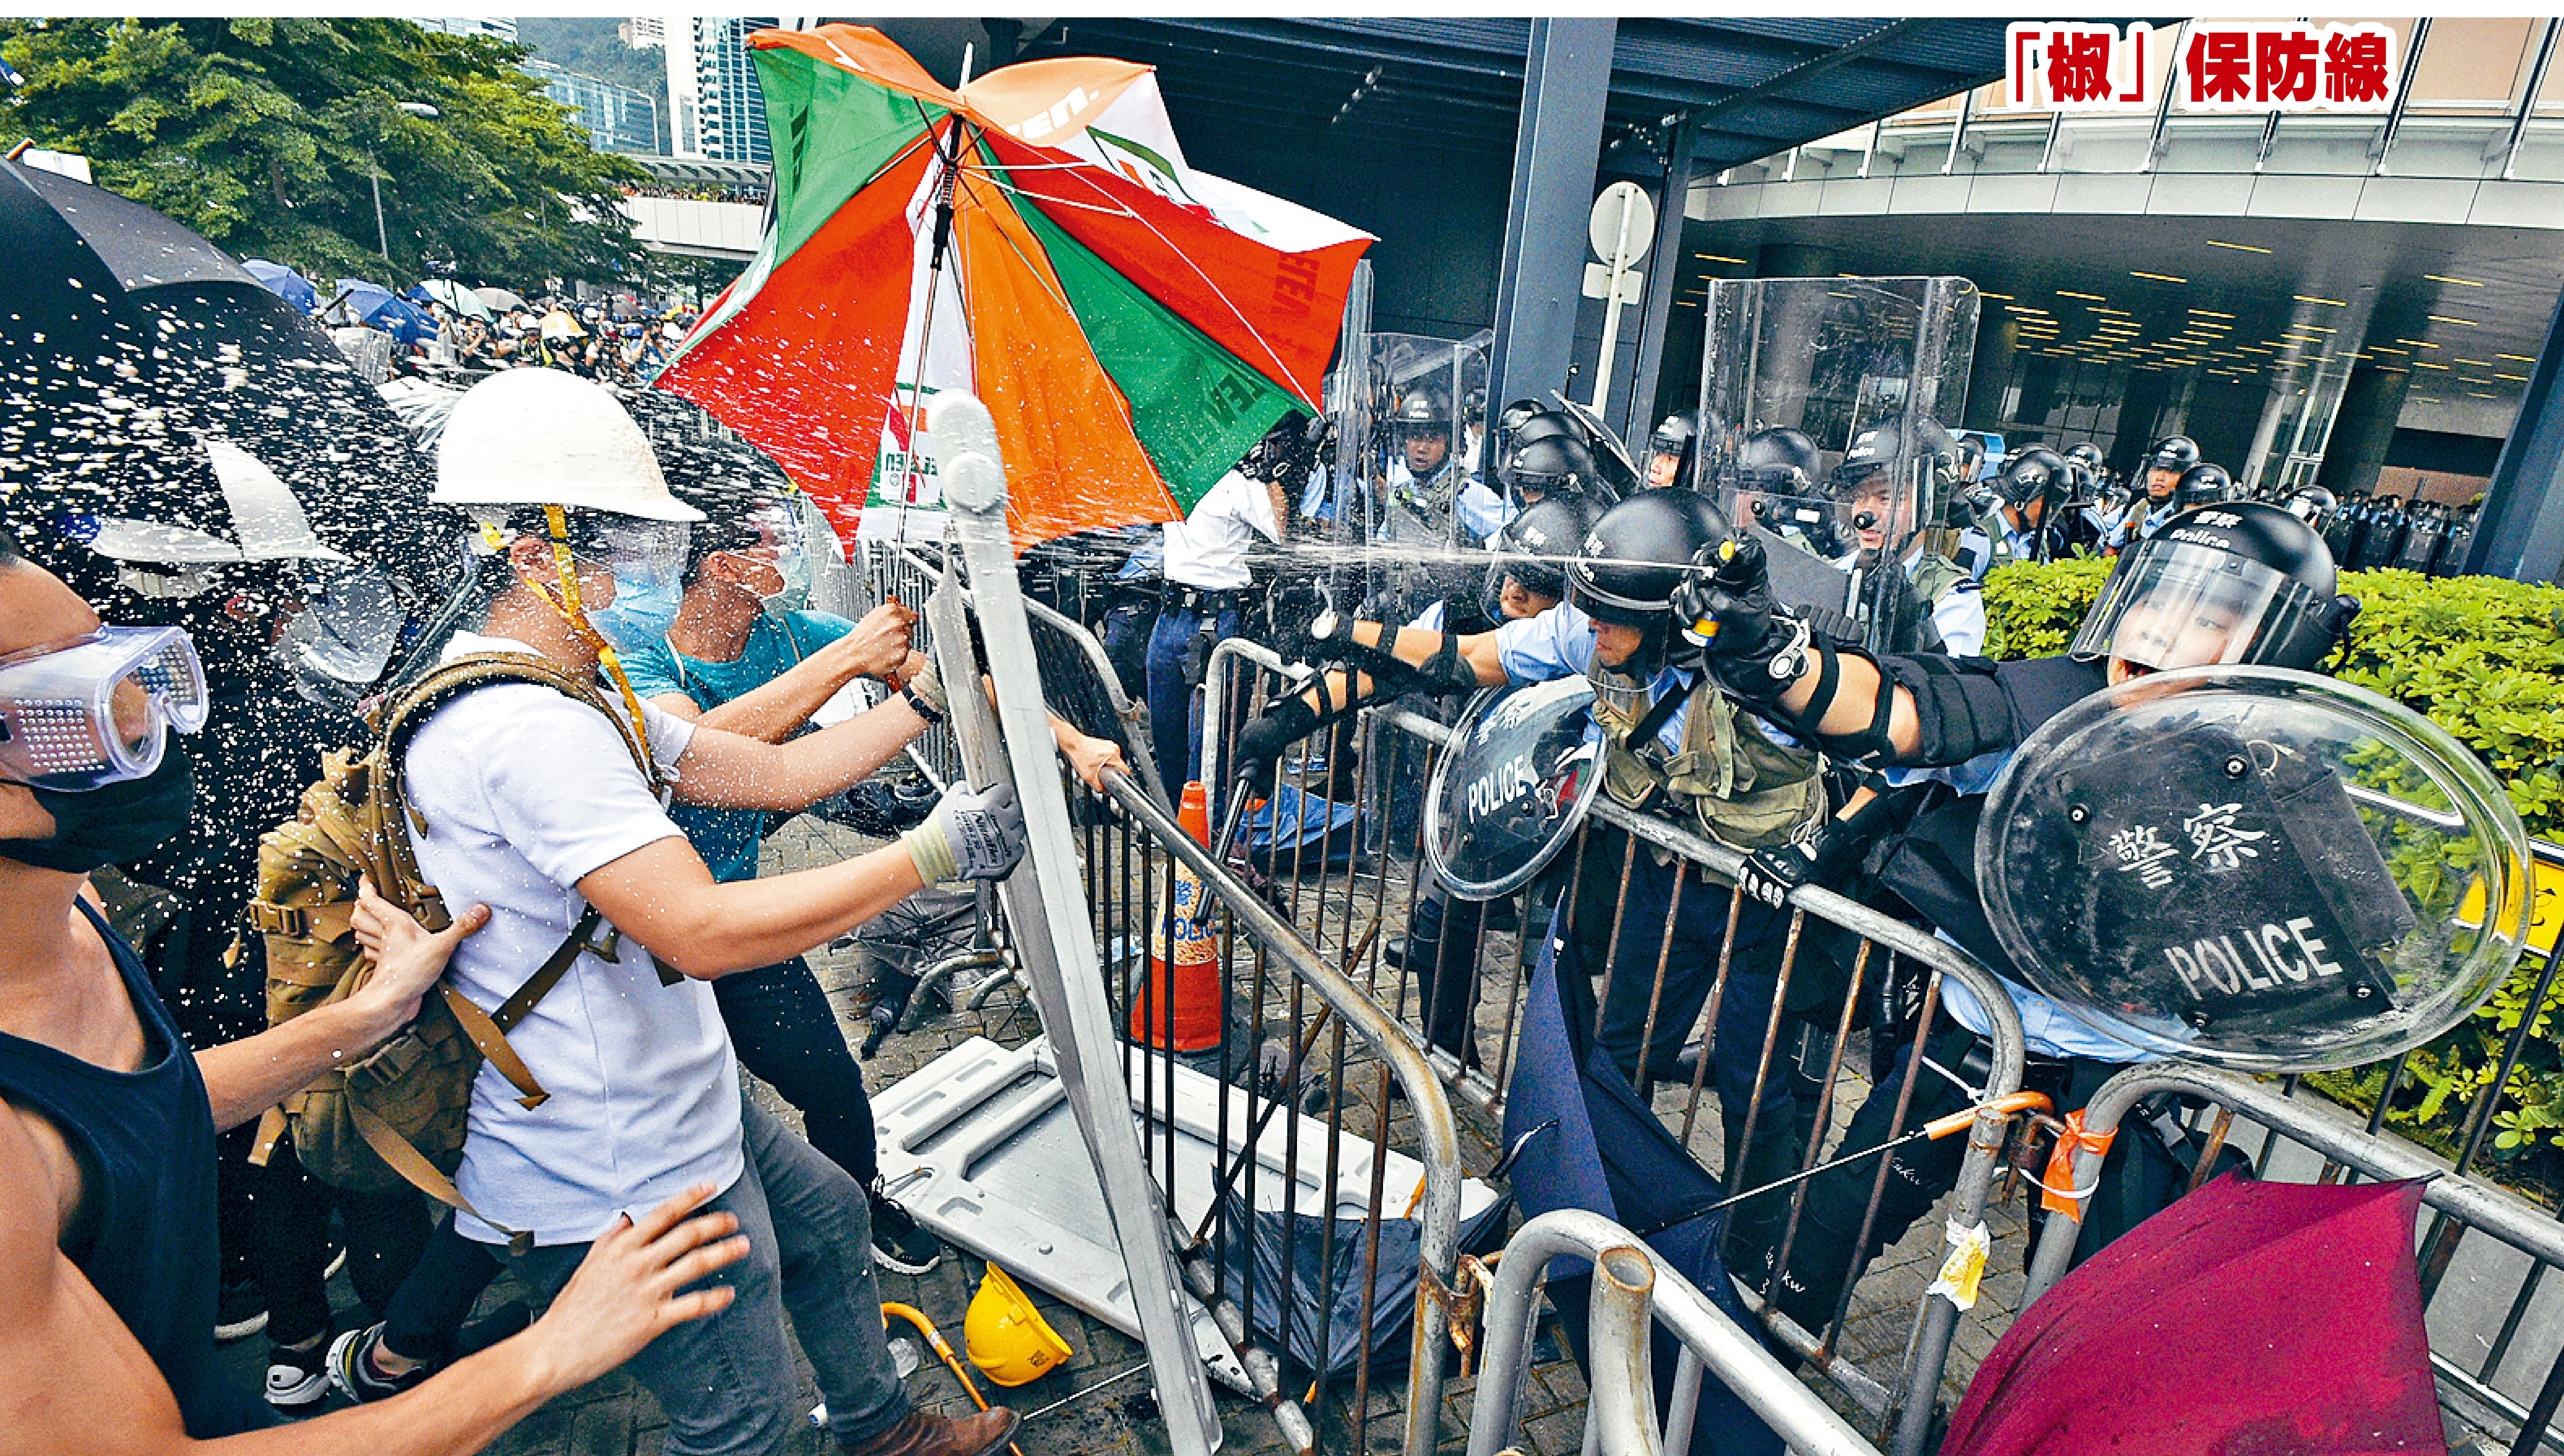 戴上頭盔及面罩的示威者衝擊警方防線,防暴警察噴射胡椒噴霧驅趕。伍明輝攝